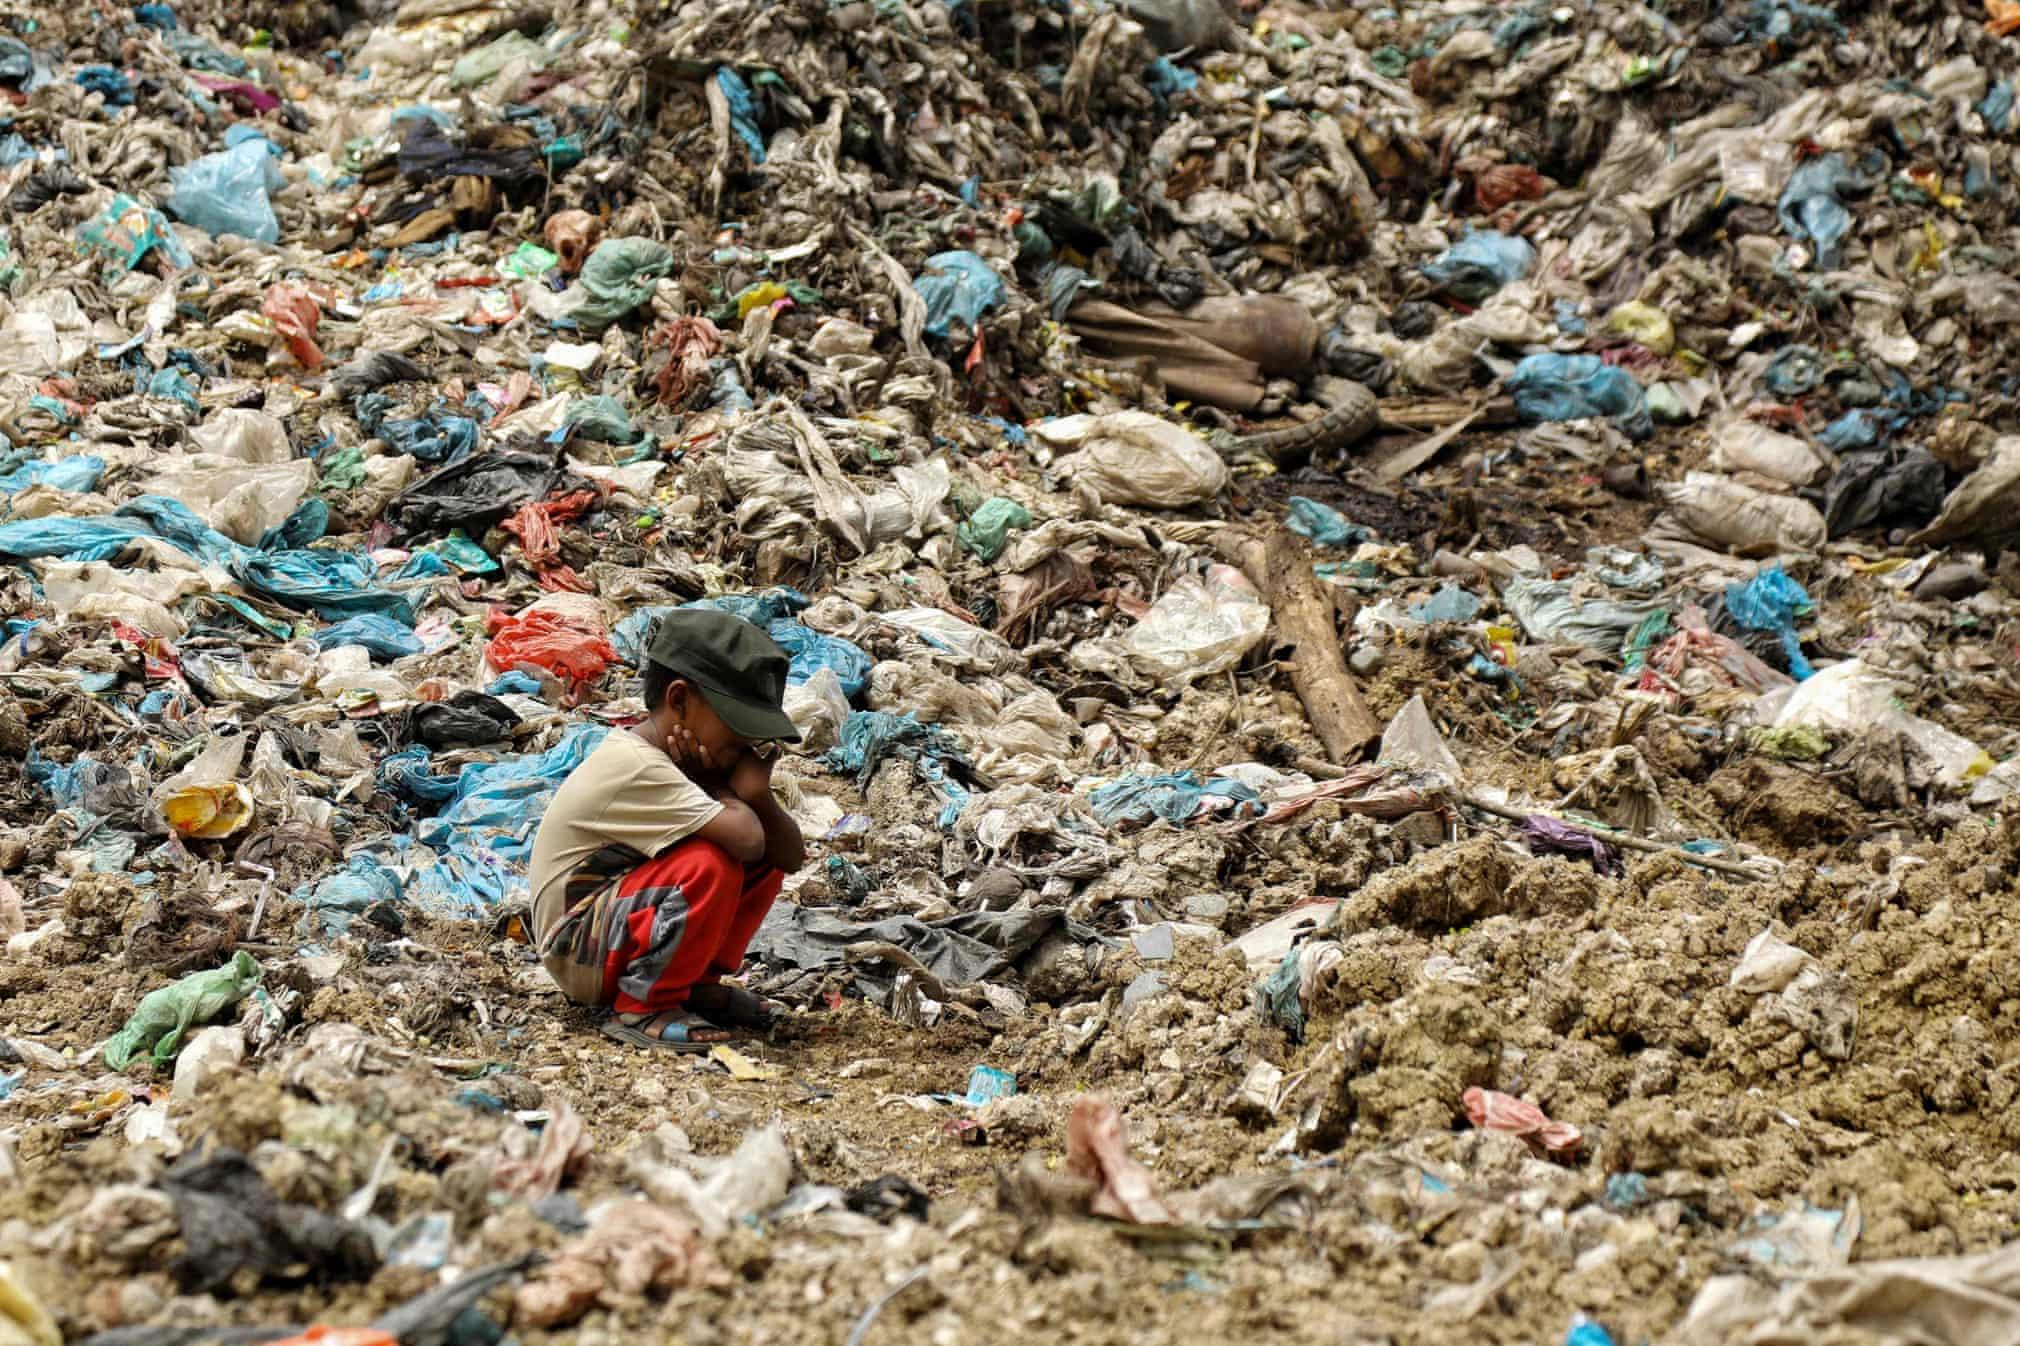 انتظار کودک خردسال در میان کوهی از زباله + عکس